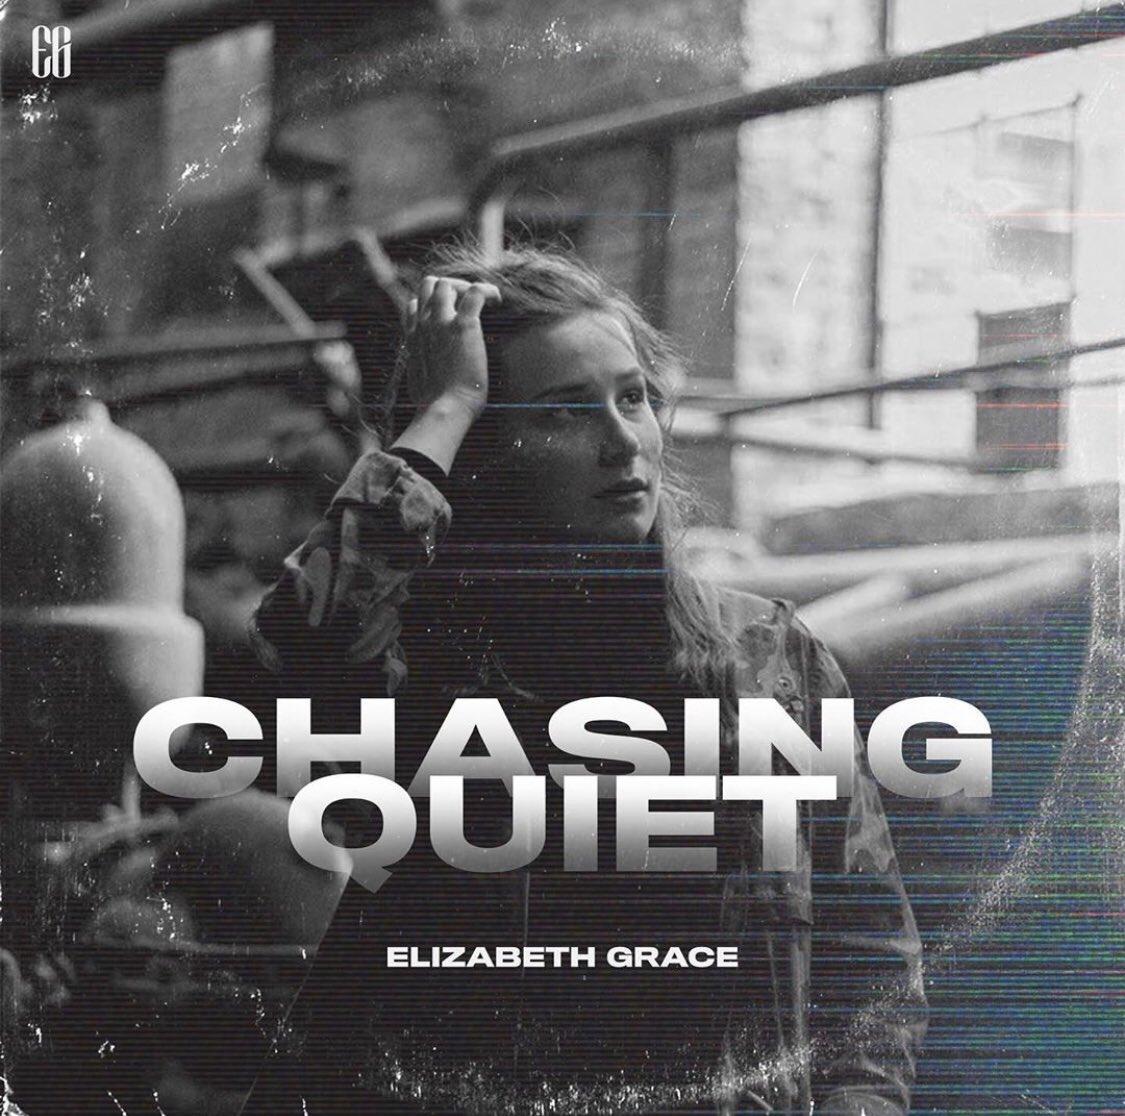 Chasing Quiet - Chasing Quiet